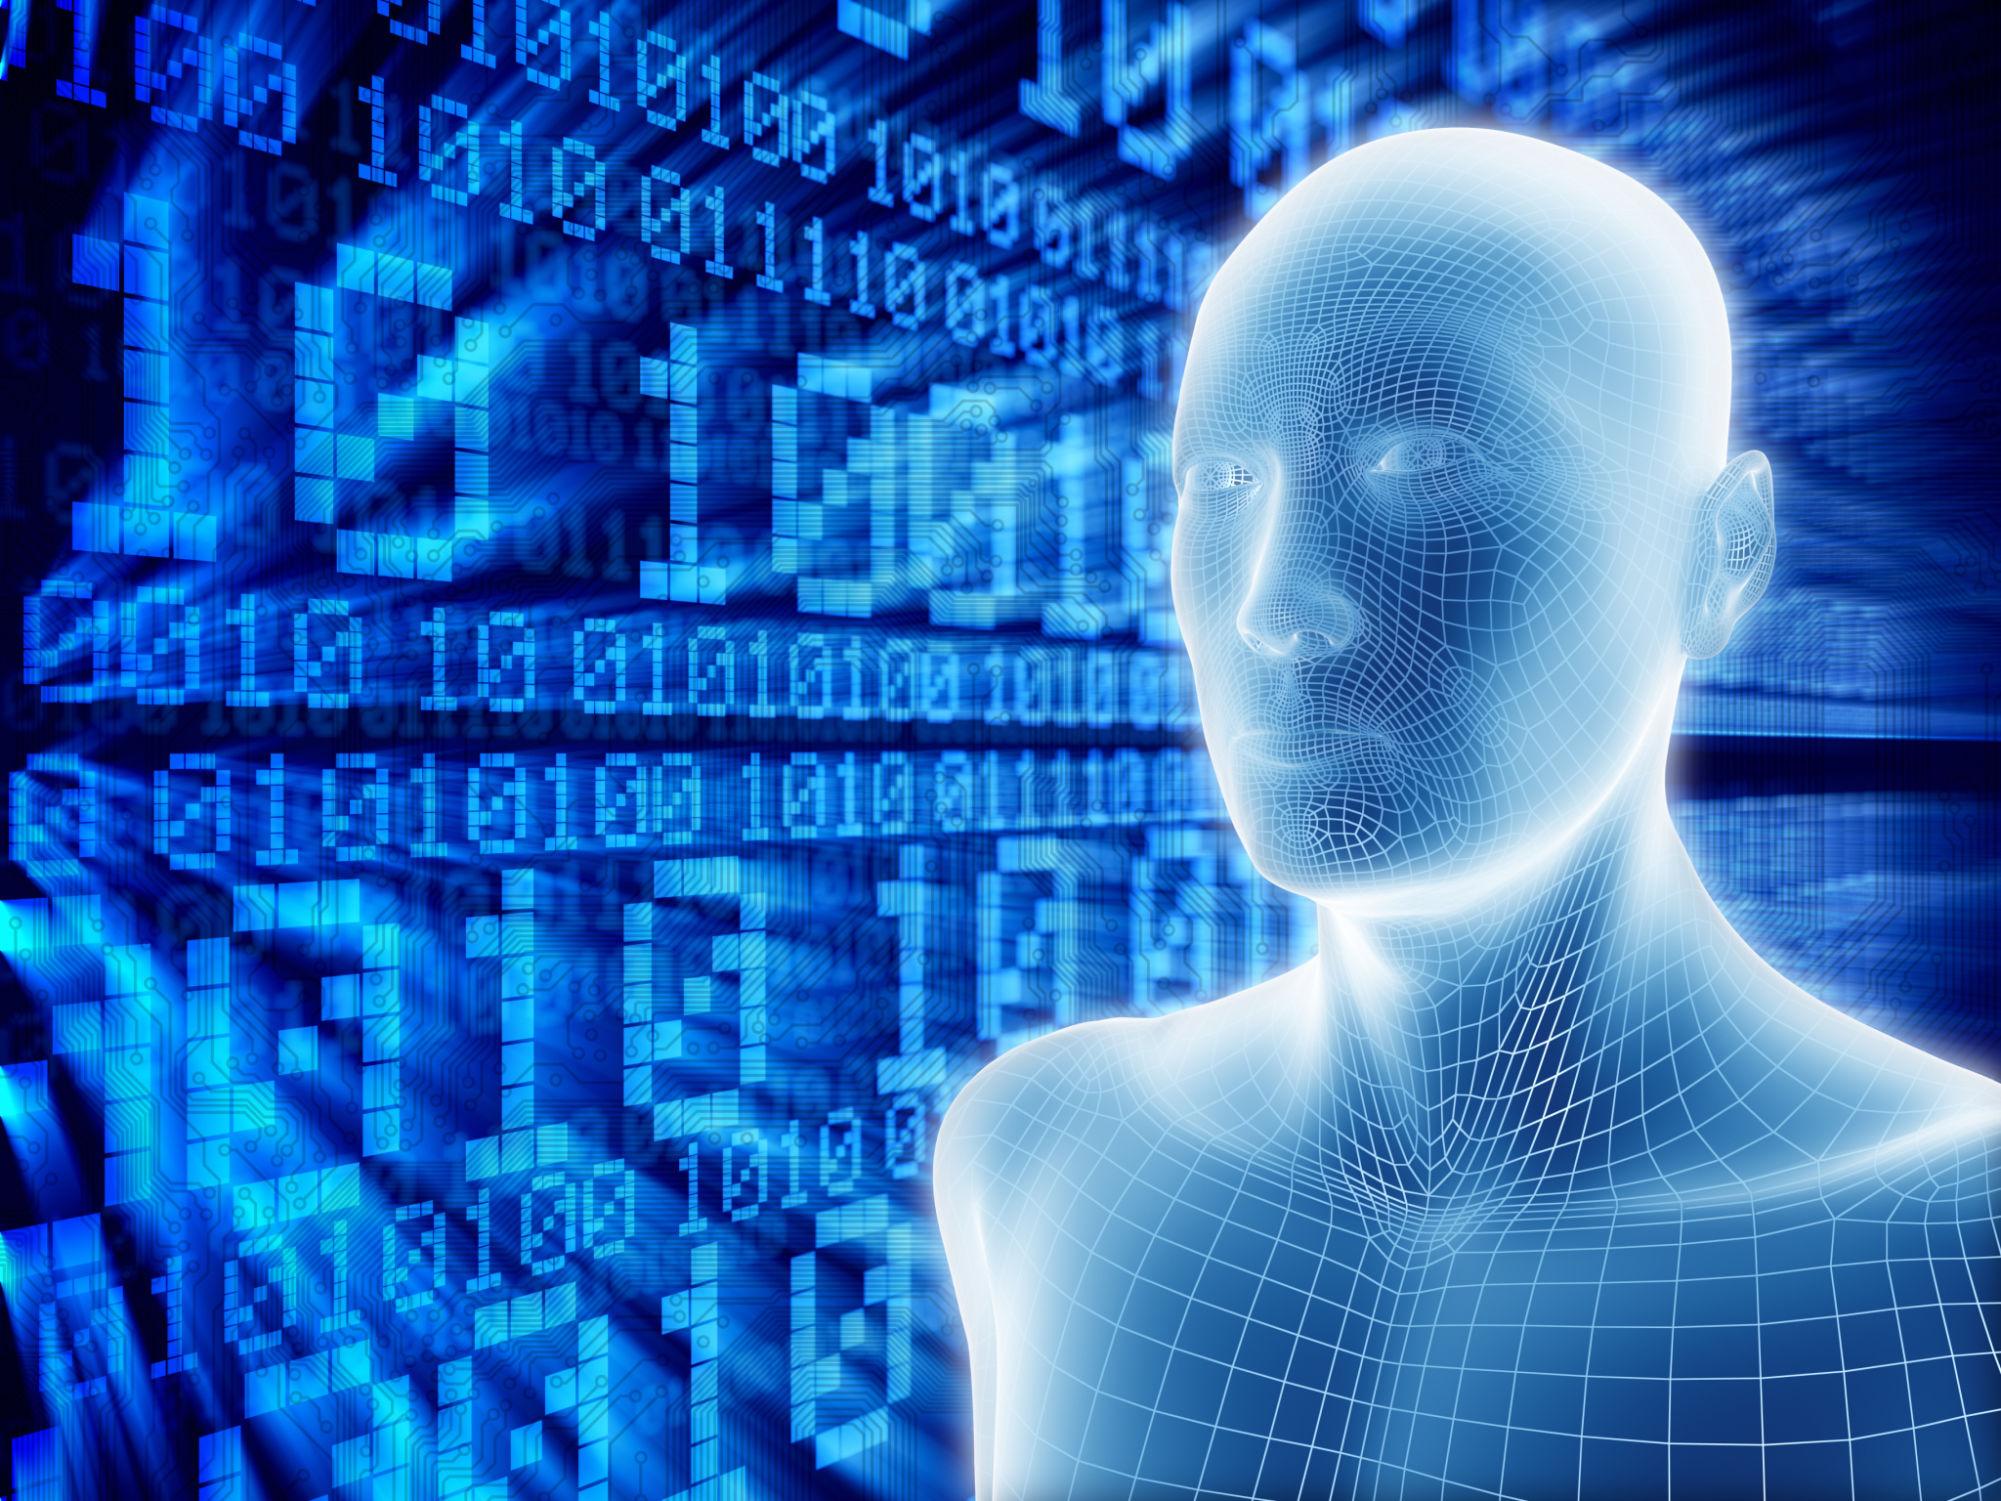 麦肯锡:美国与中国人工智能技术研发全球领先